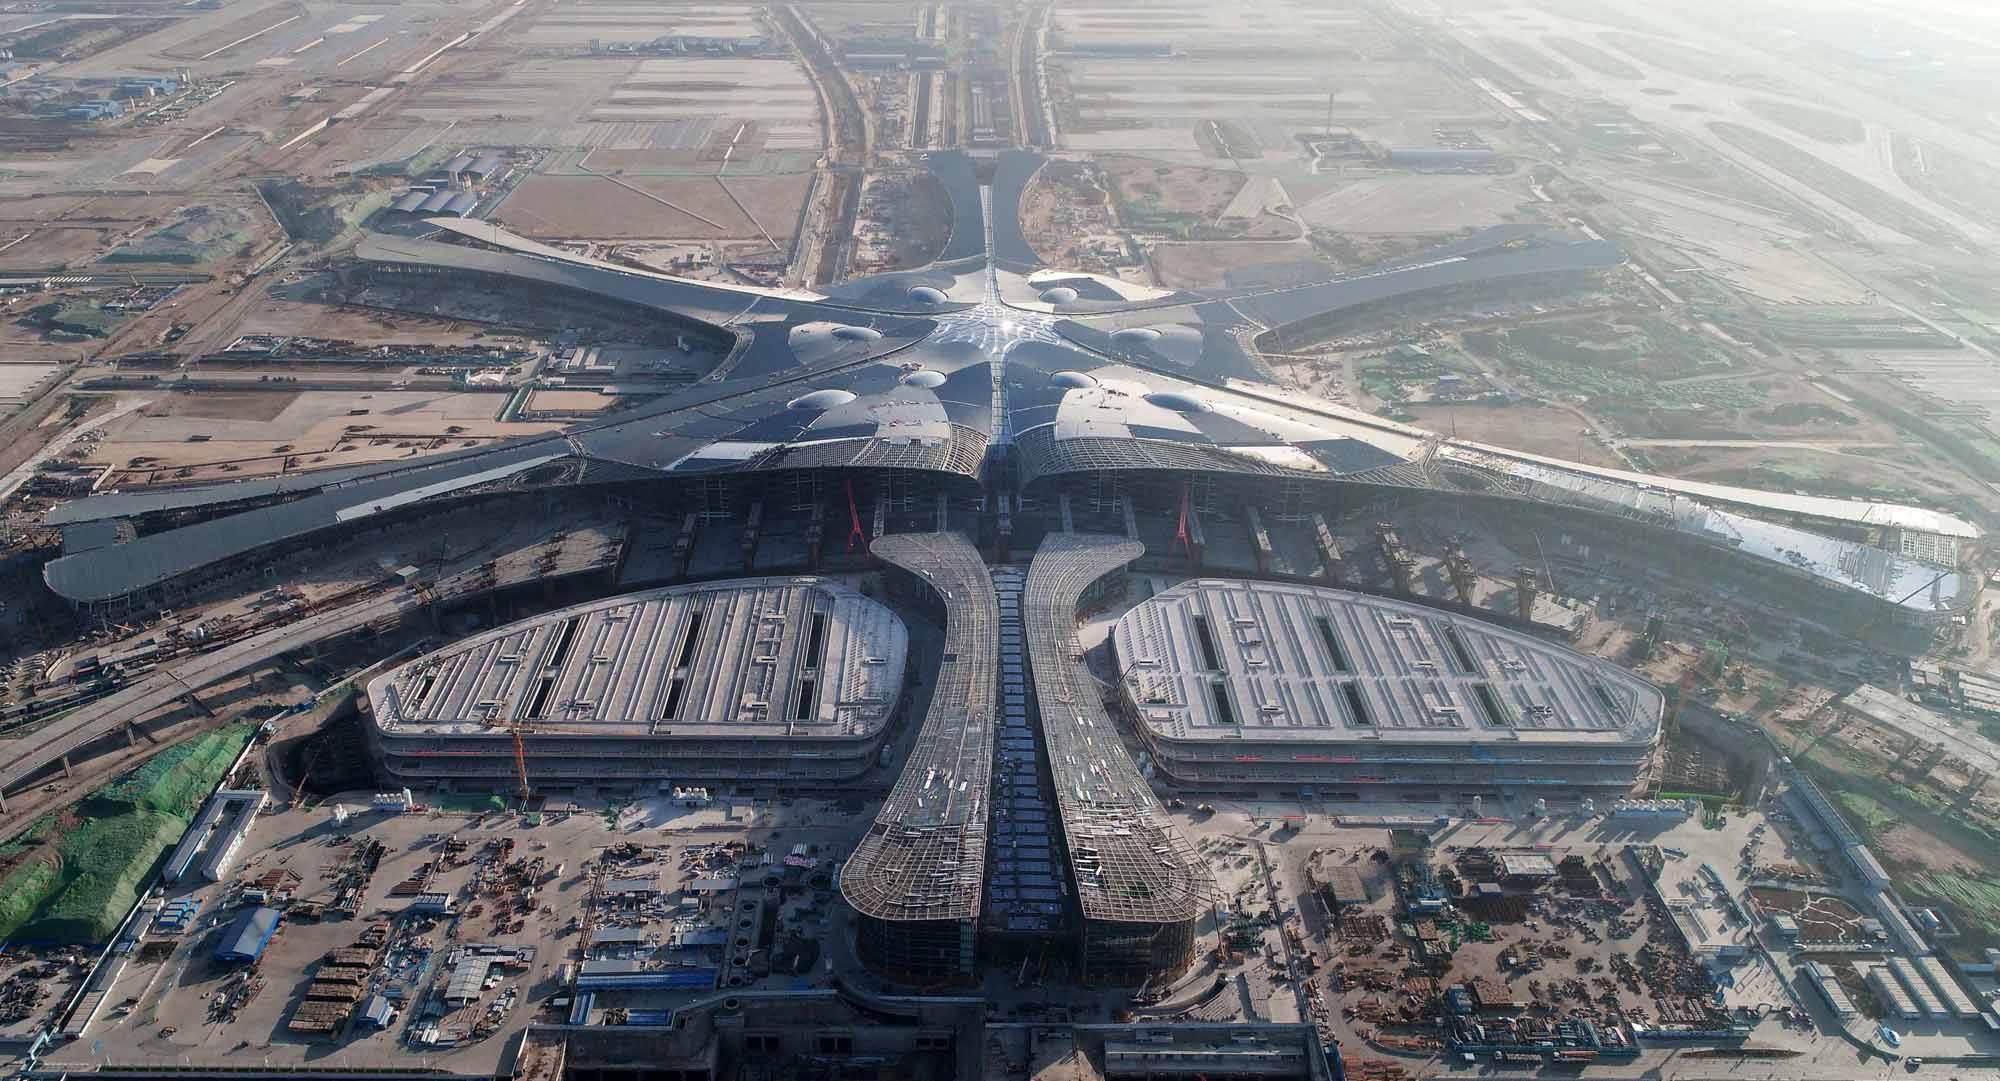 北京新机场命名为「北京大兴国际机场」 明年9月30日前投入运营